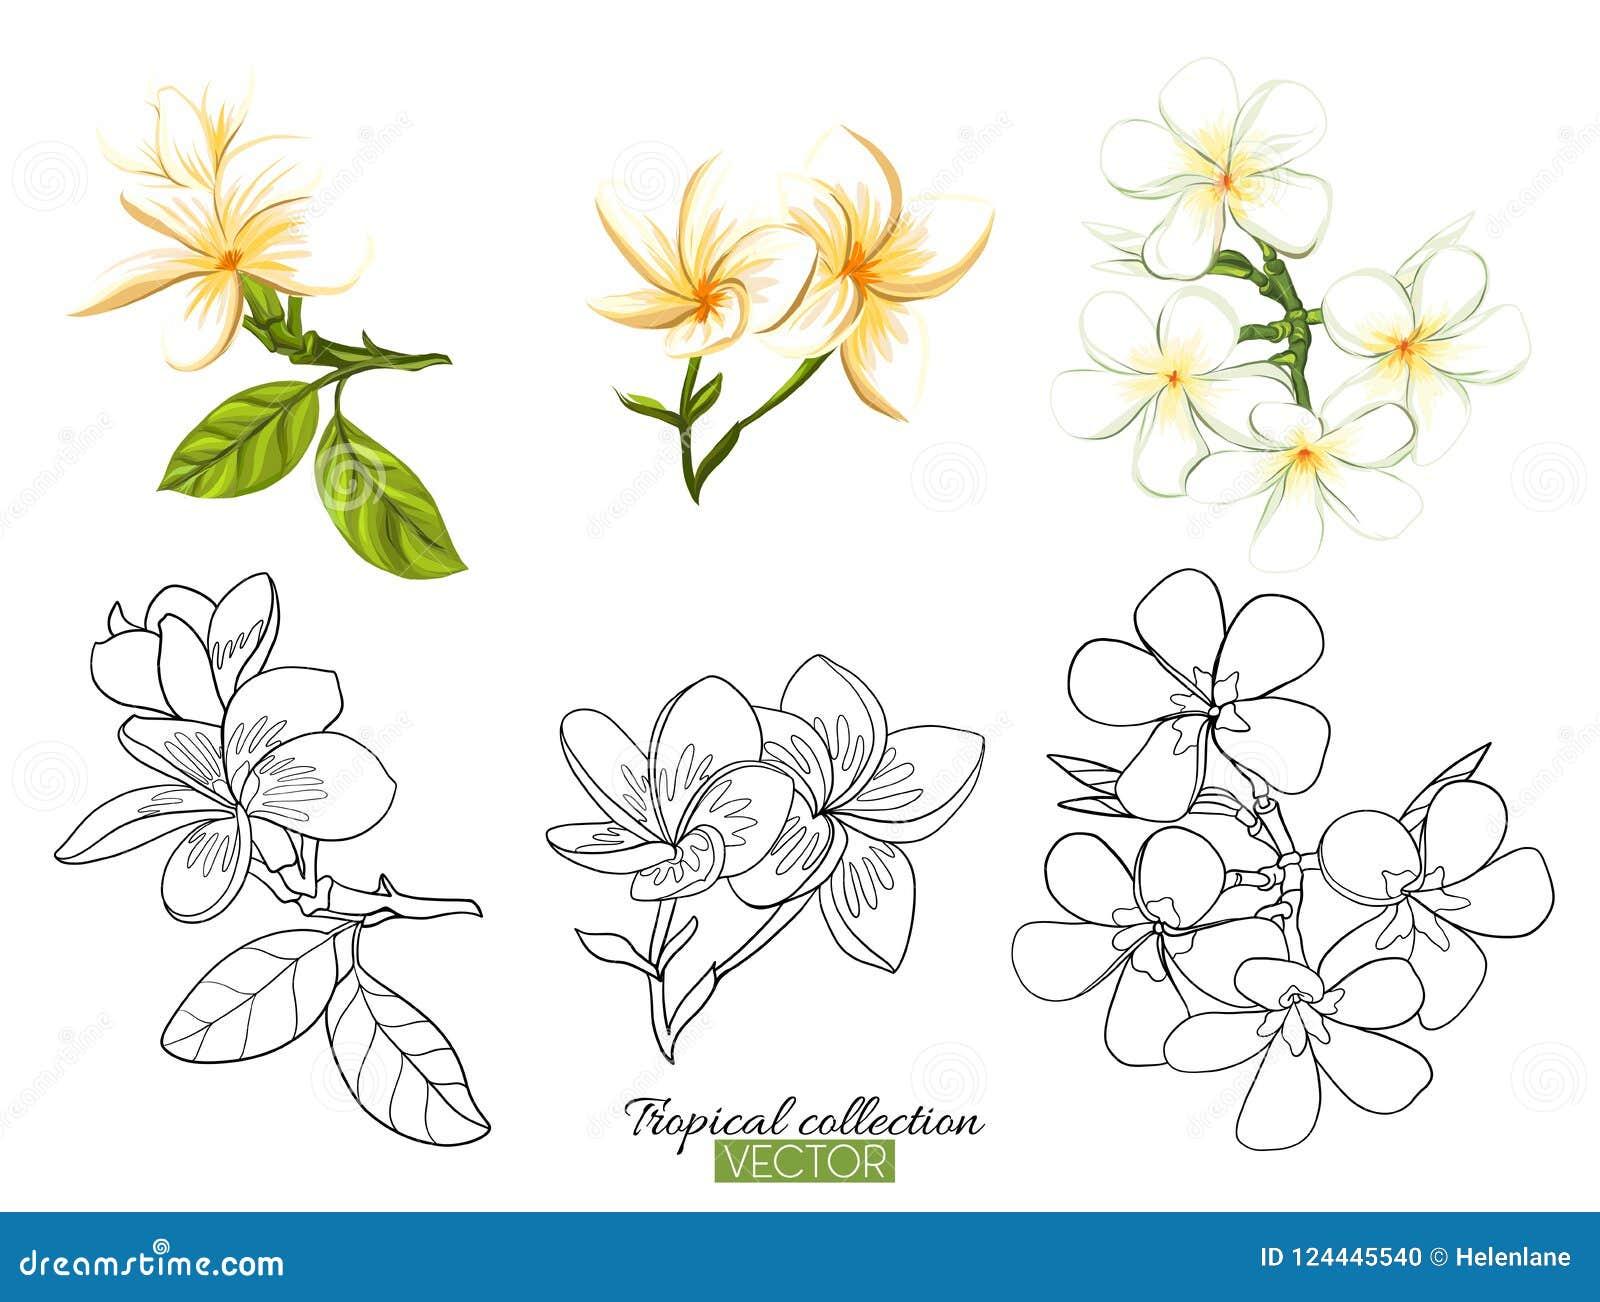 För samlingsvektor för tropisk växt som illustration isoleras på vit